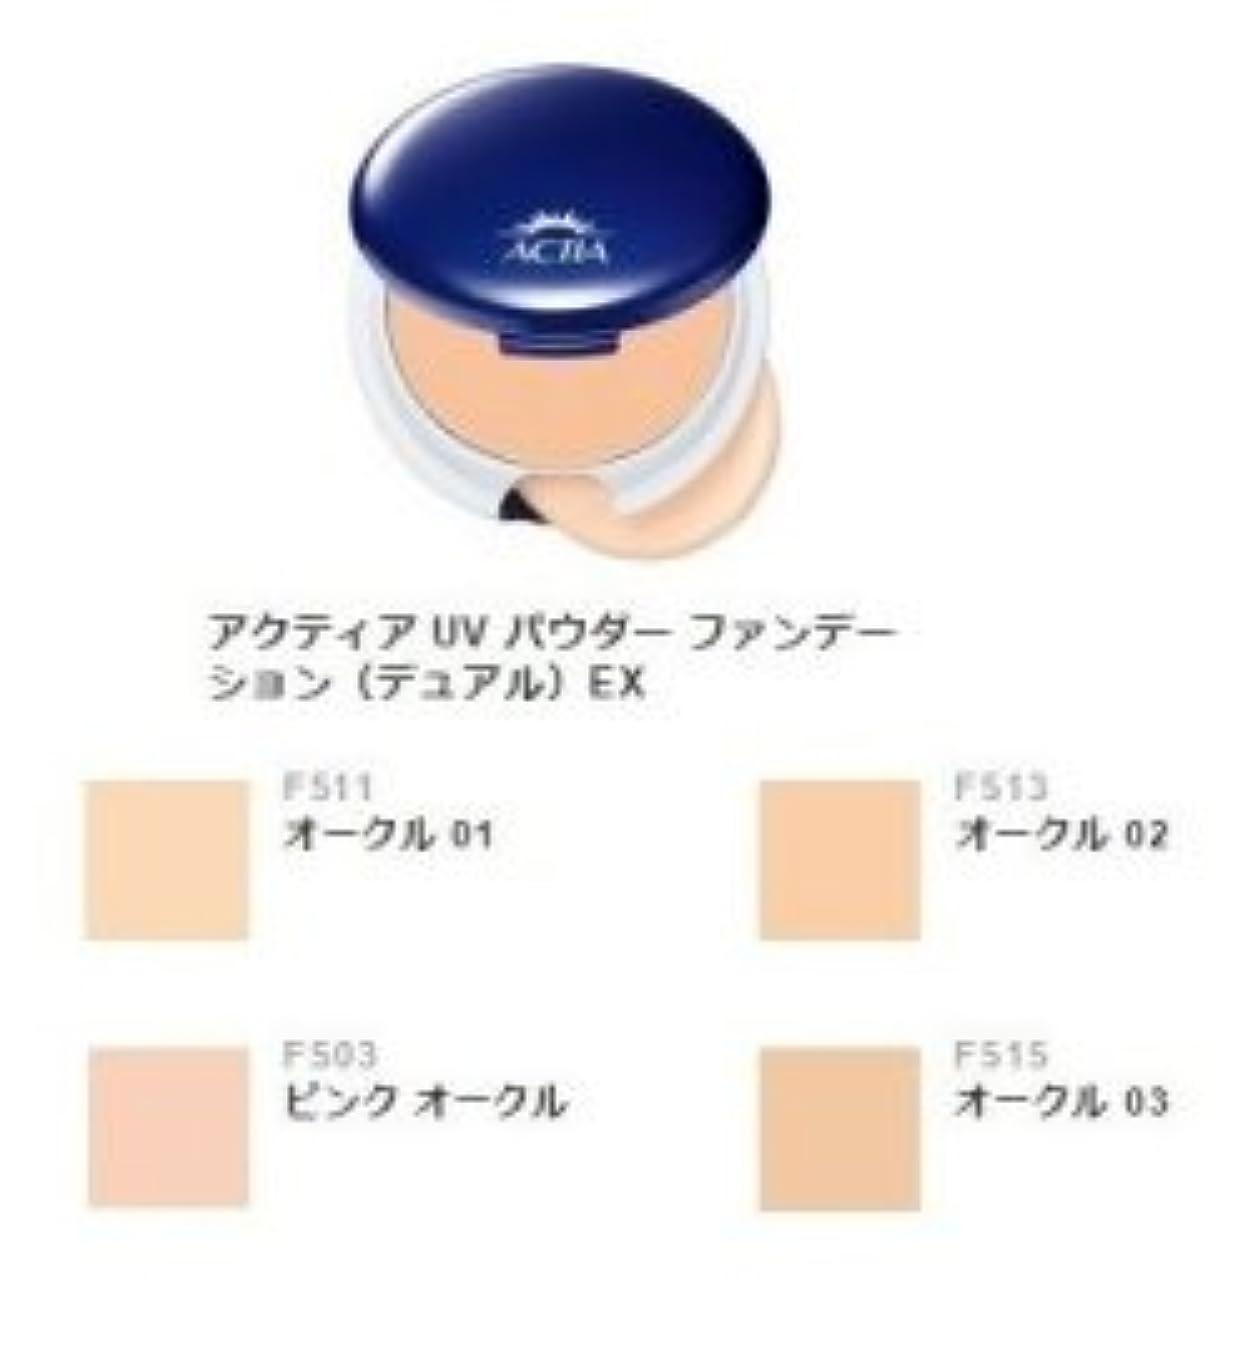 偏差ファイル年次エイボン(AVON) アクティア UV パウダーファンデーション(デュアル)EX(リフィル) F513 オークル02